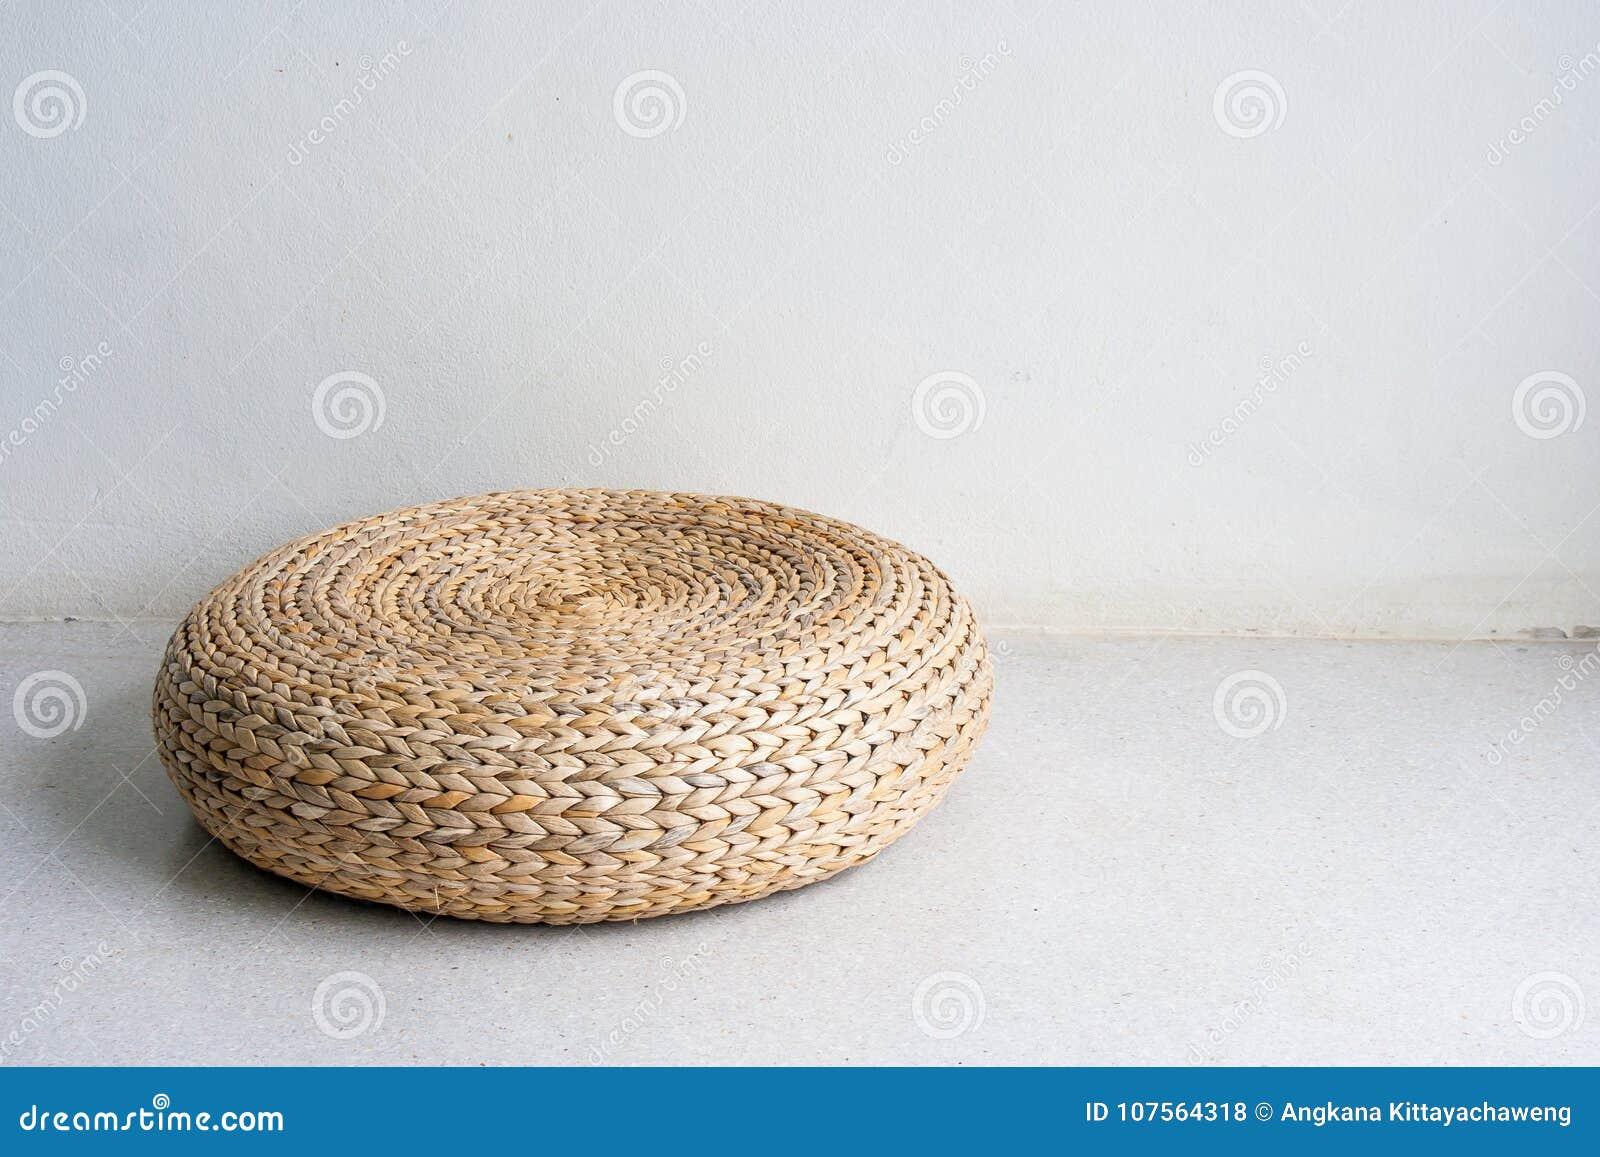 Witte Rieten Stoel : Ronde bruine rieten stoel in uitstekende stijl die op concrete